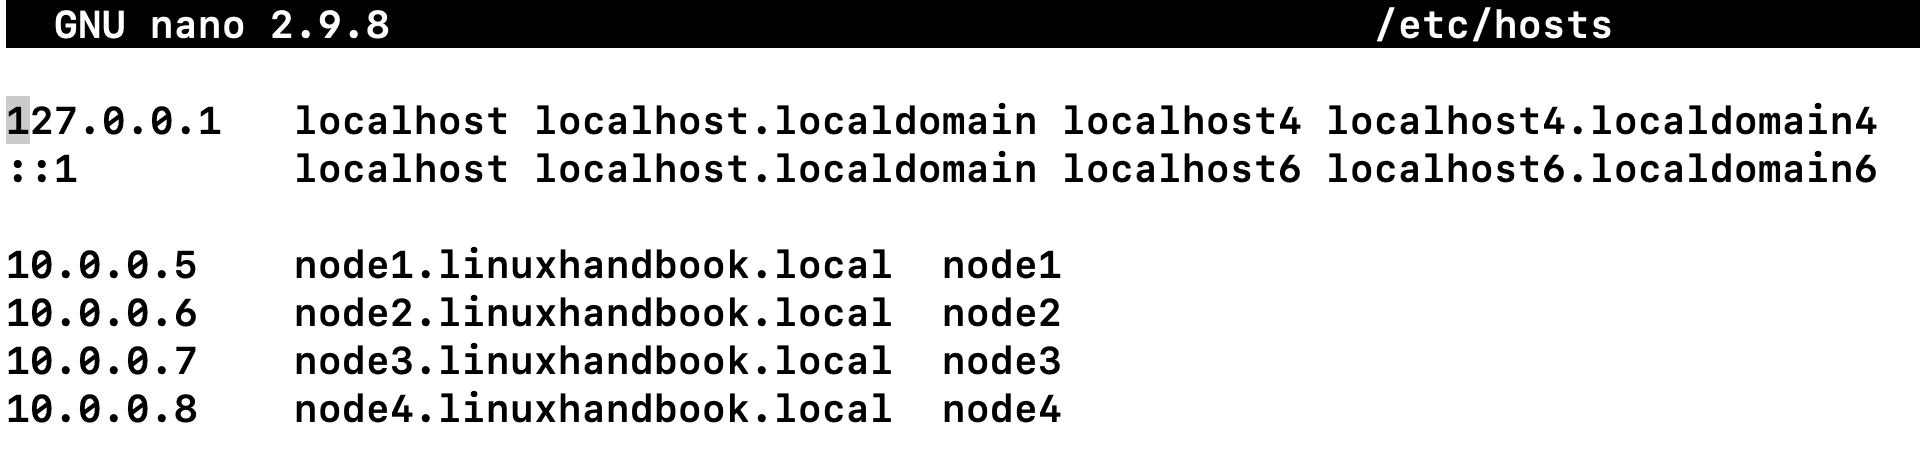 Ansible nodes